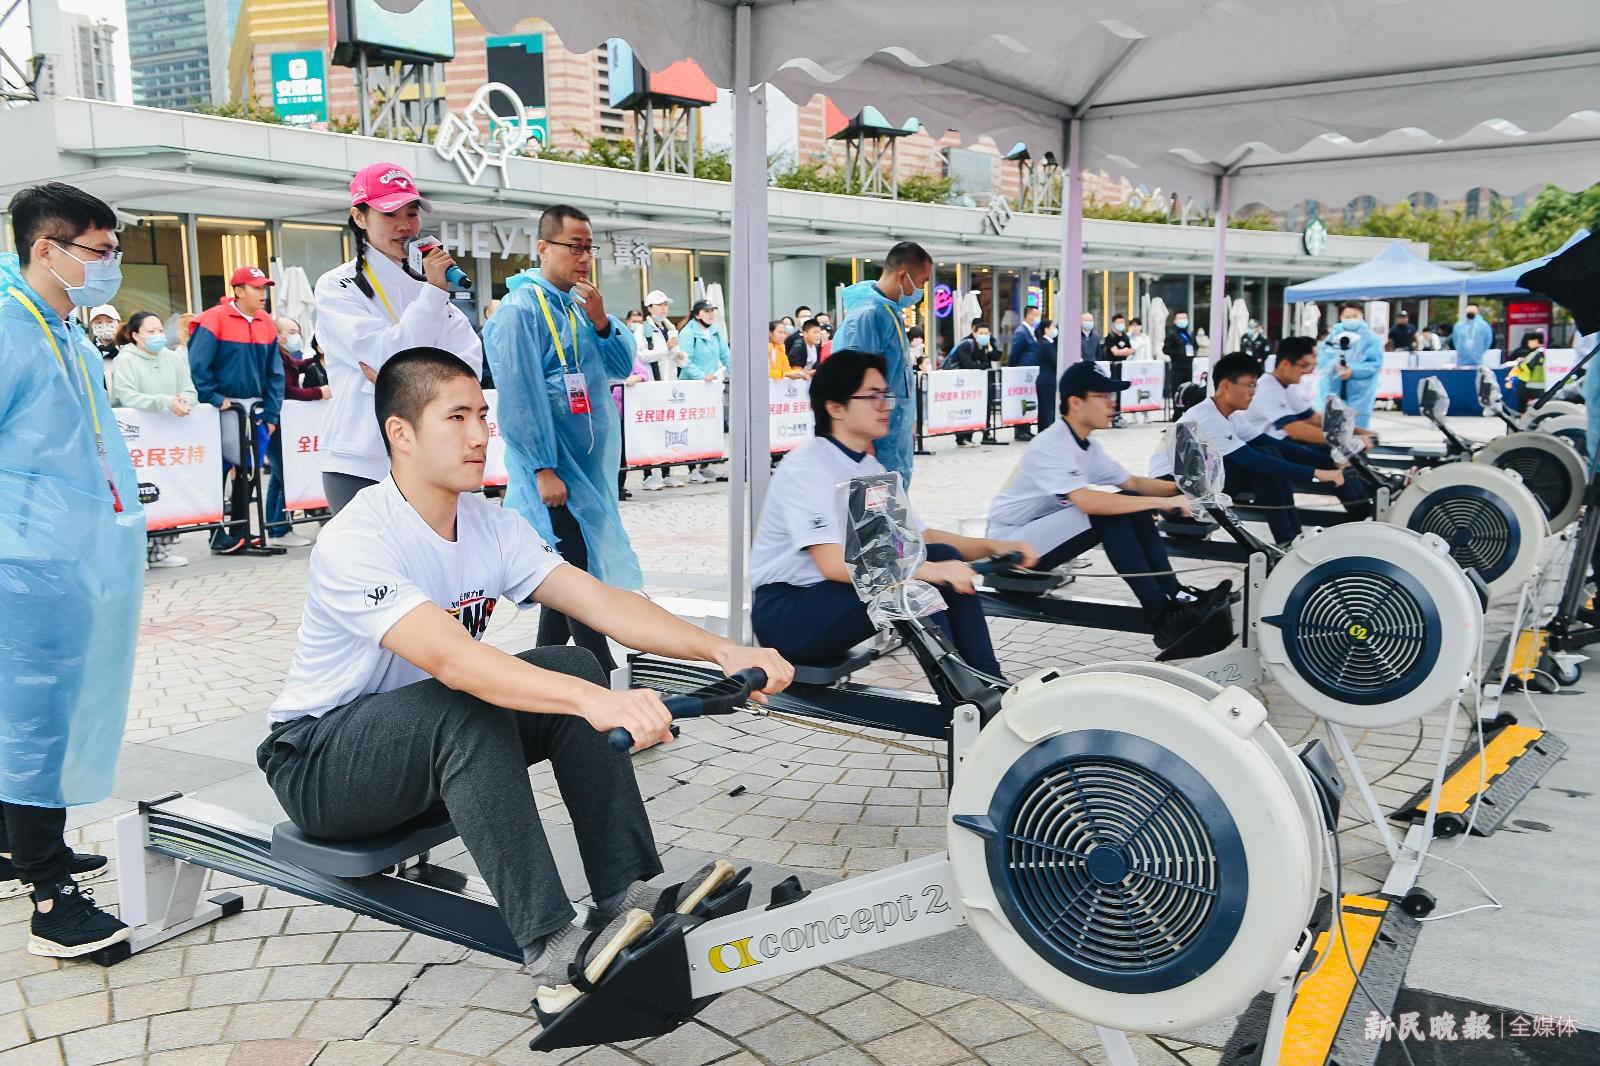 市民百姓齐参与 划船器公开赛凸显城市运动氛围